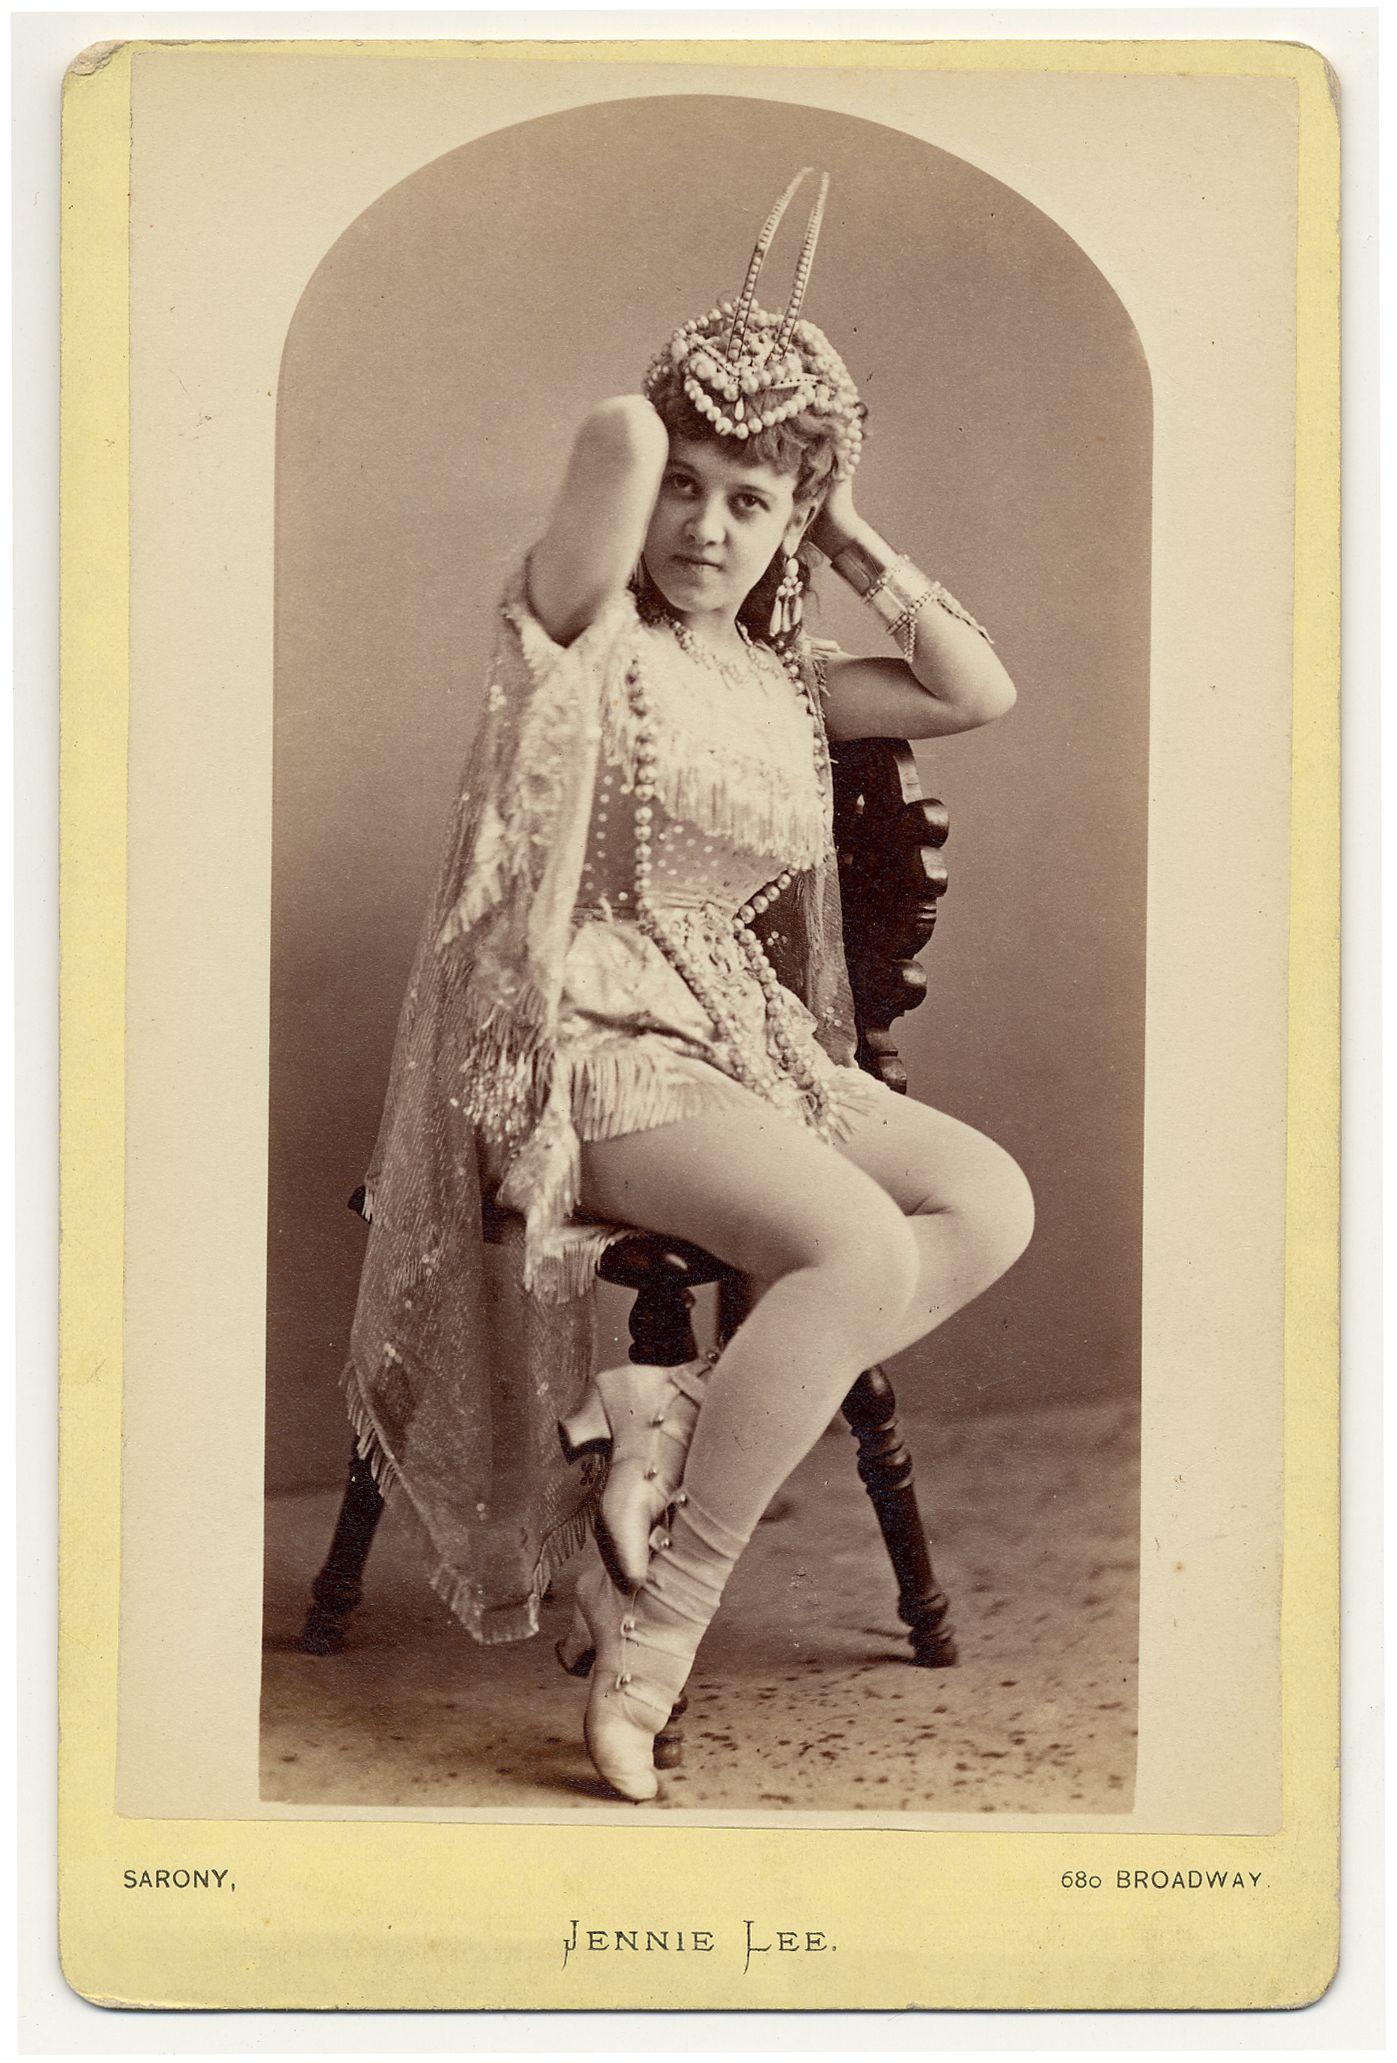 A Queen Of The Burlesque [1910]